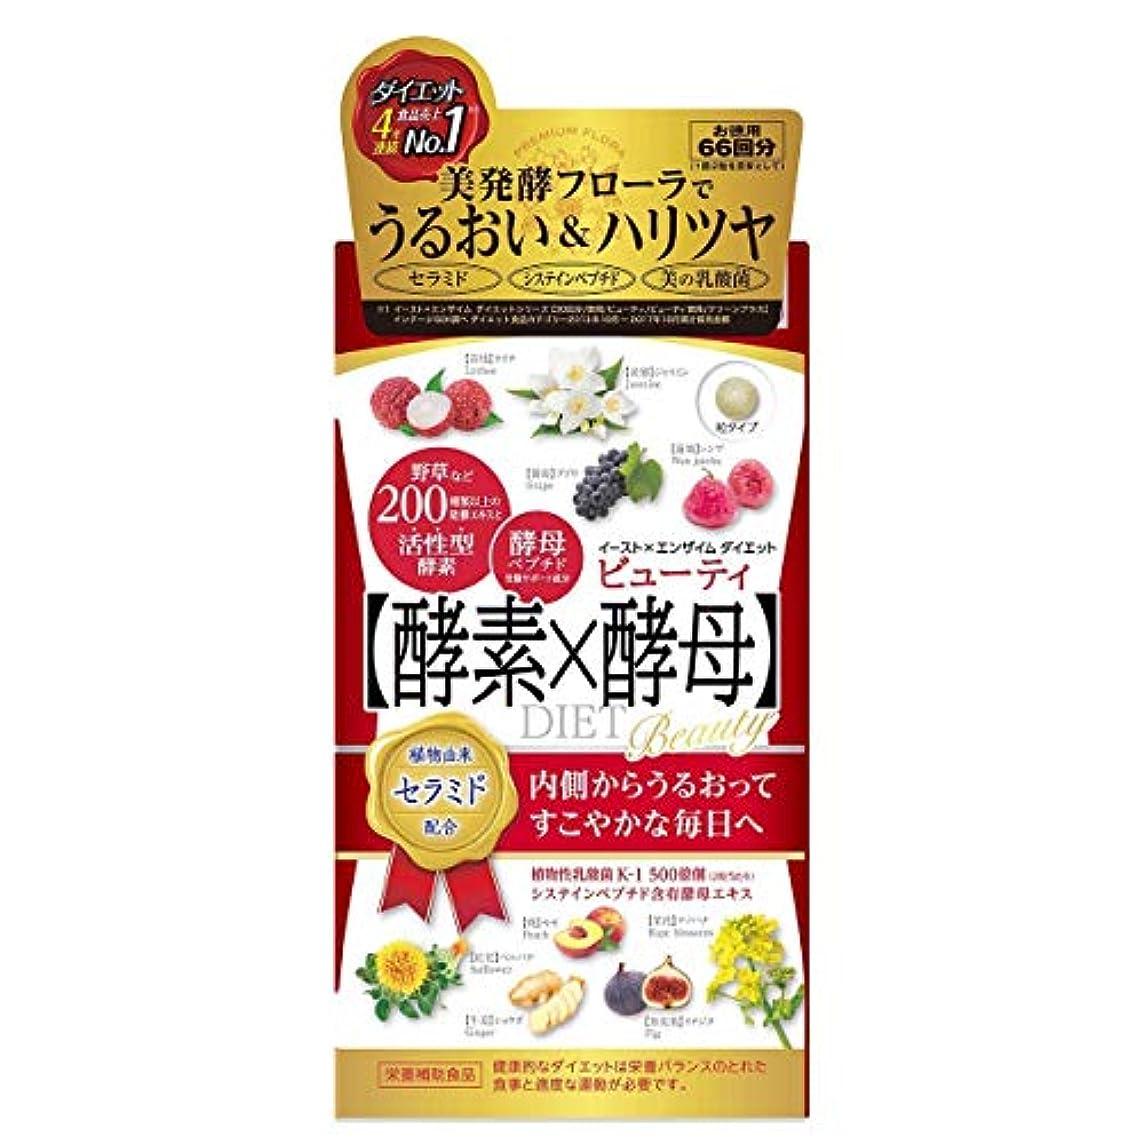 虫を数える蜜ペネロペイースト エンザイム ダイエットビューティ 徳用(250mgx132粒)×3個セット